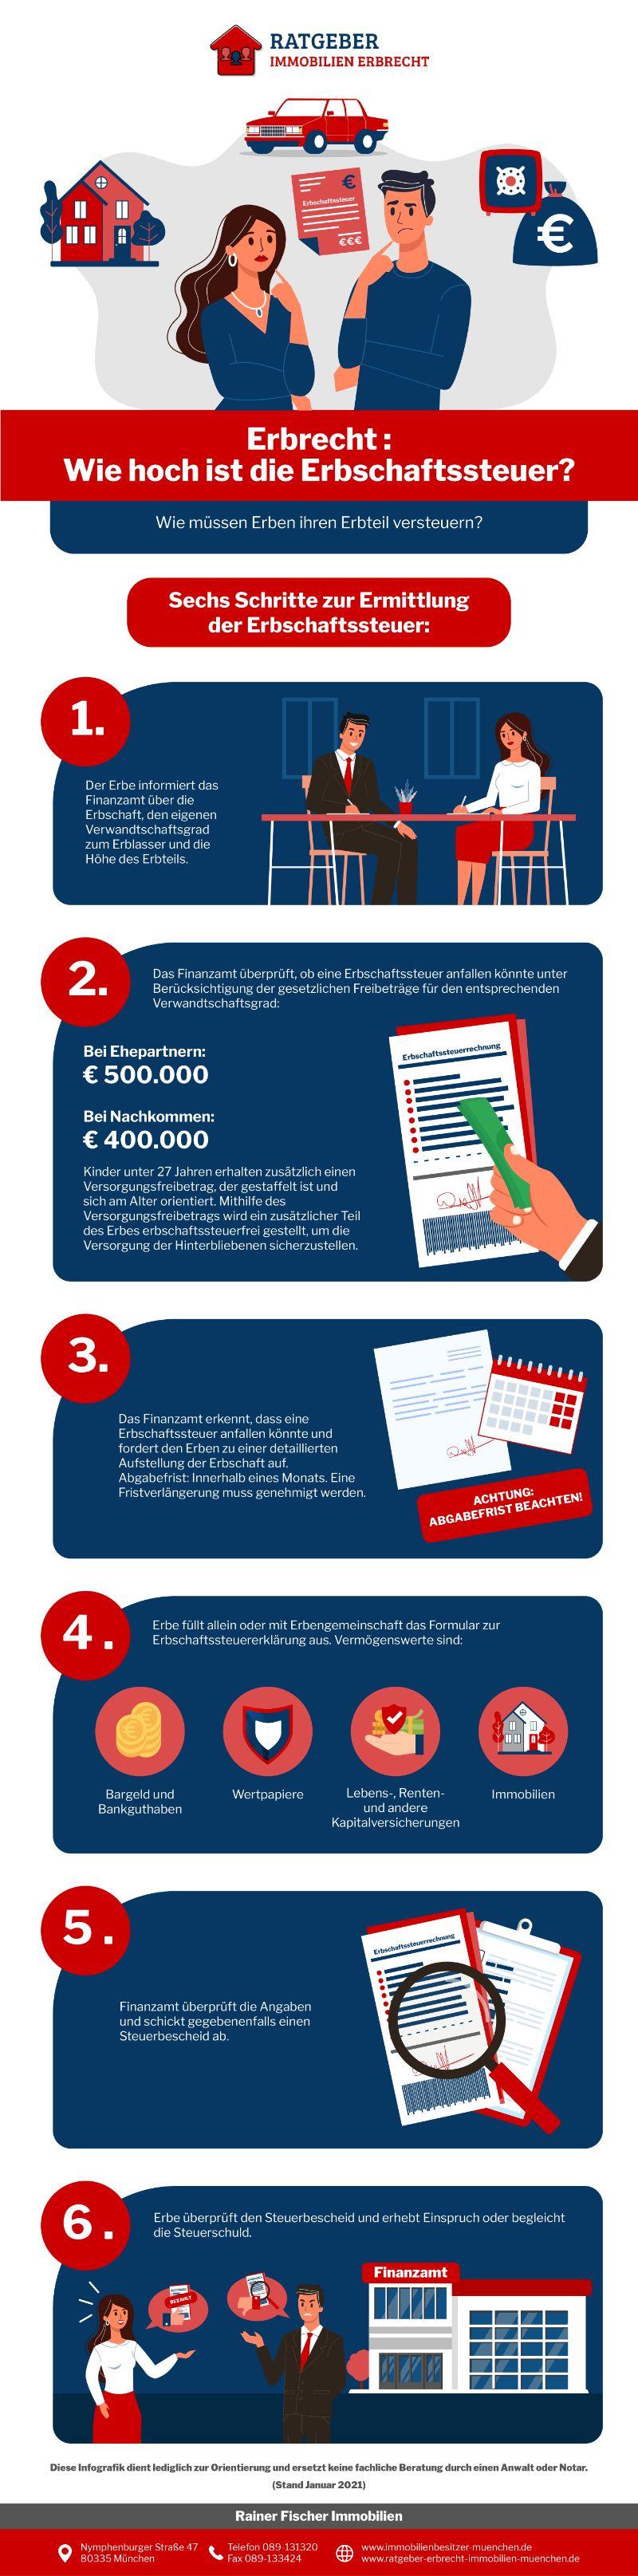 Infografik Erbrecht: Wie Hoch Ist Die Erbschaftssteuer?